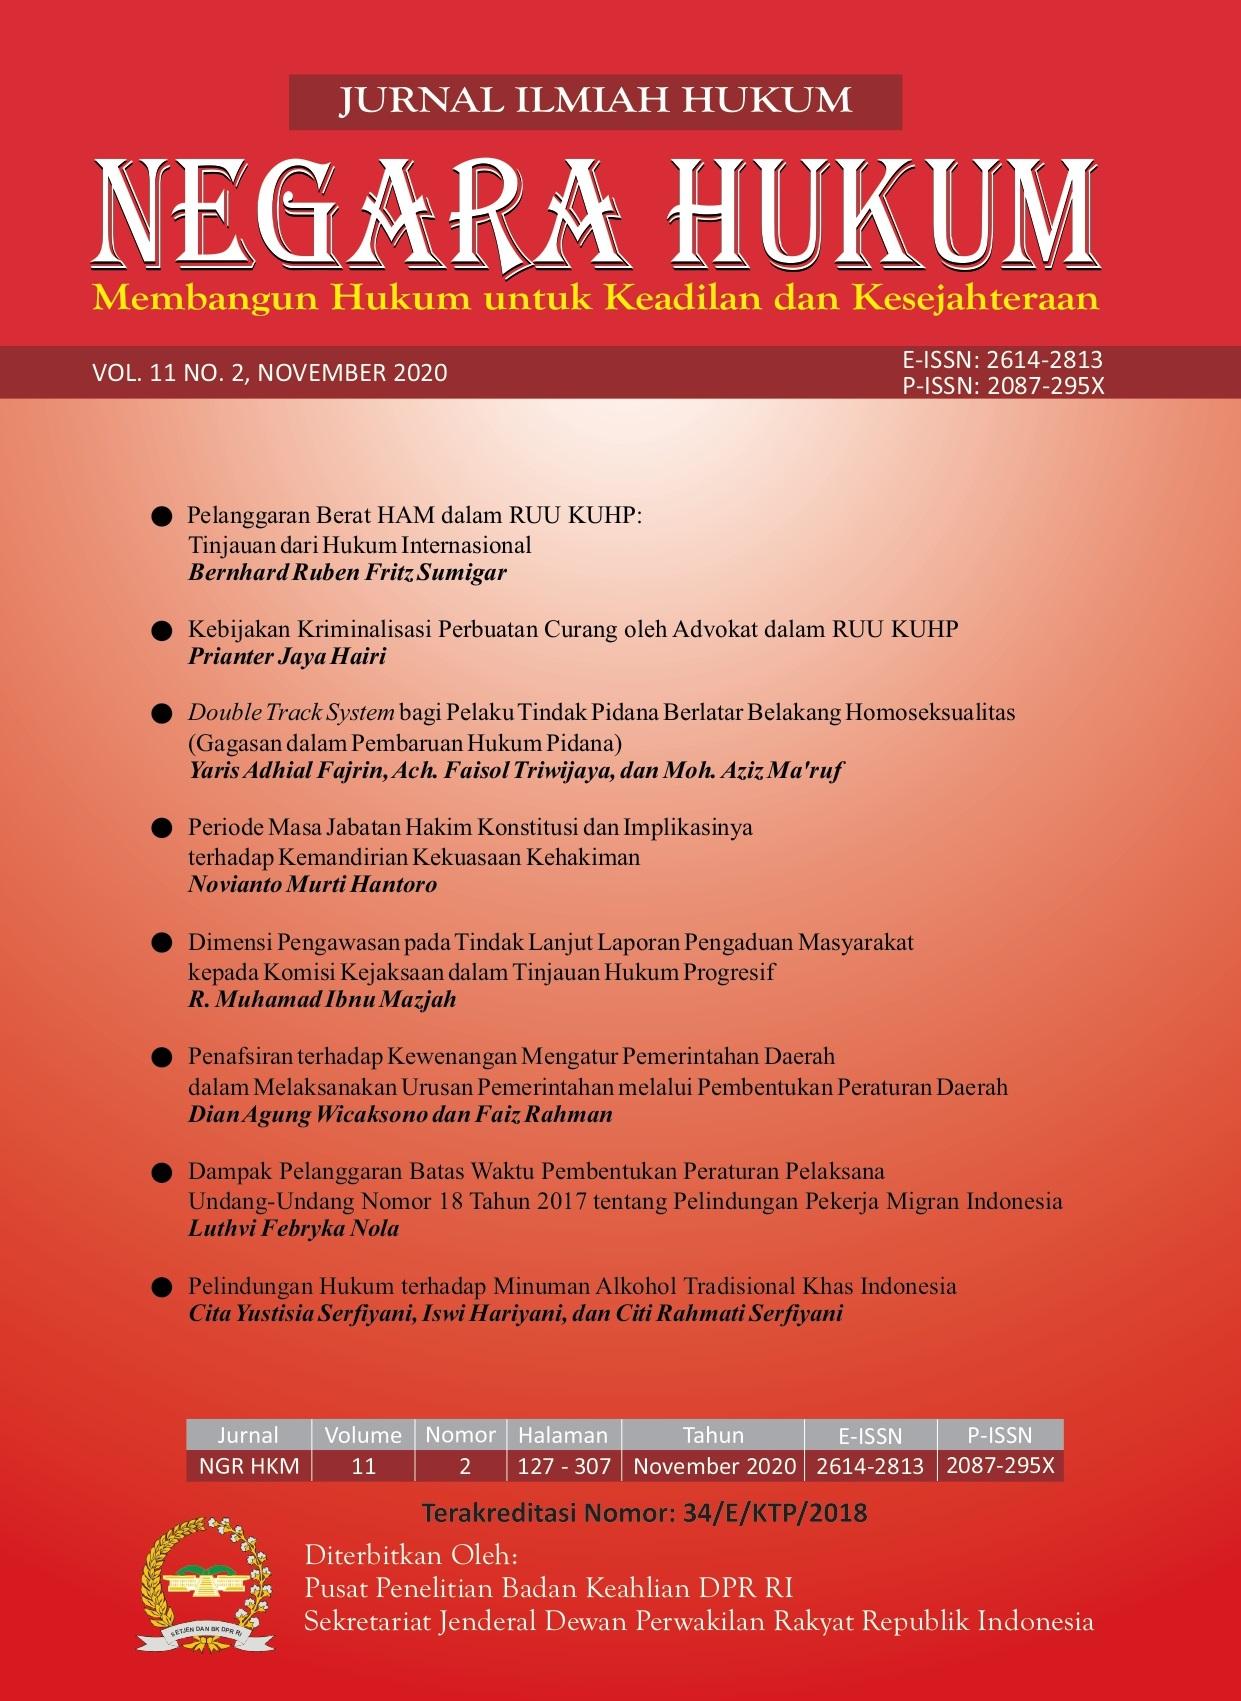 JNH Vol 11 No 2 November 2020